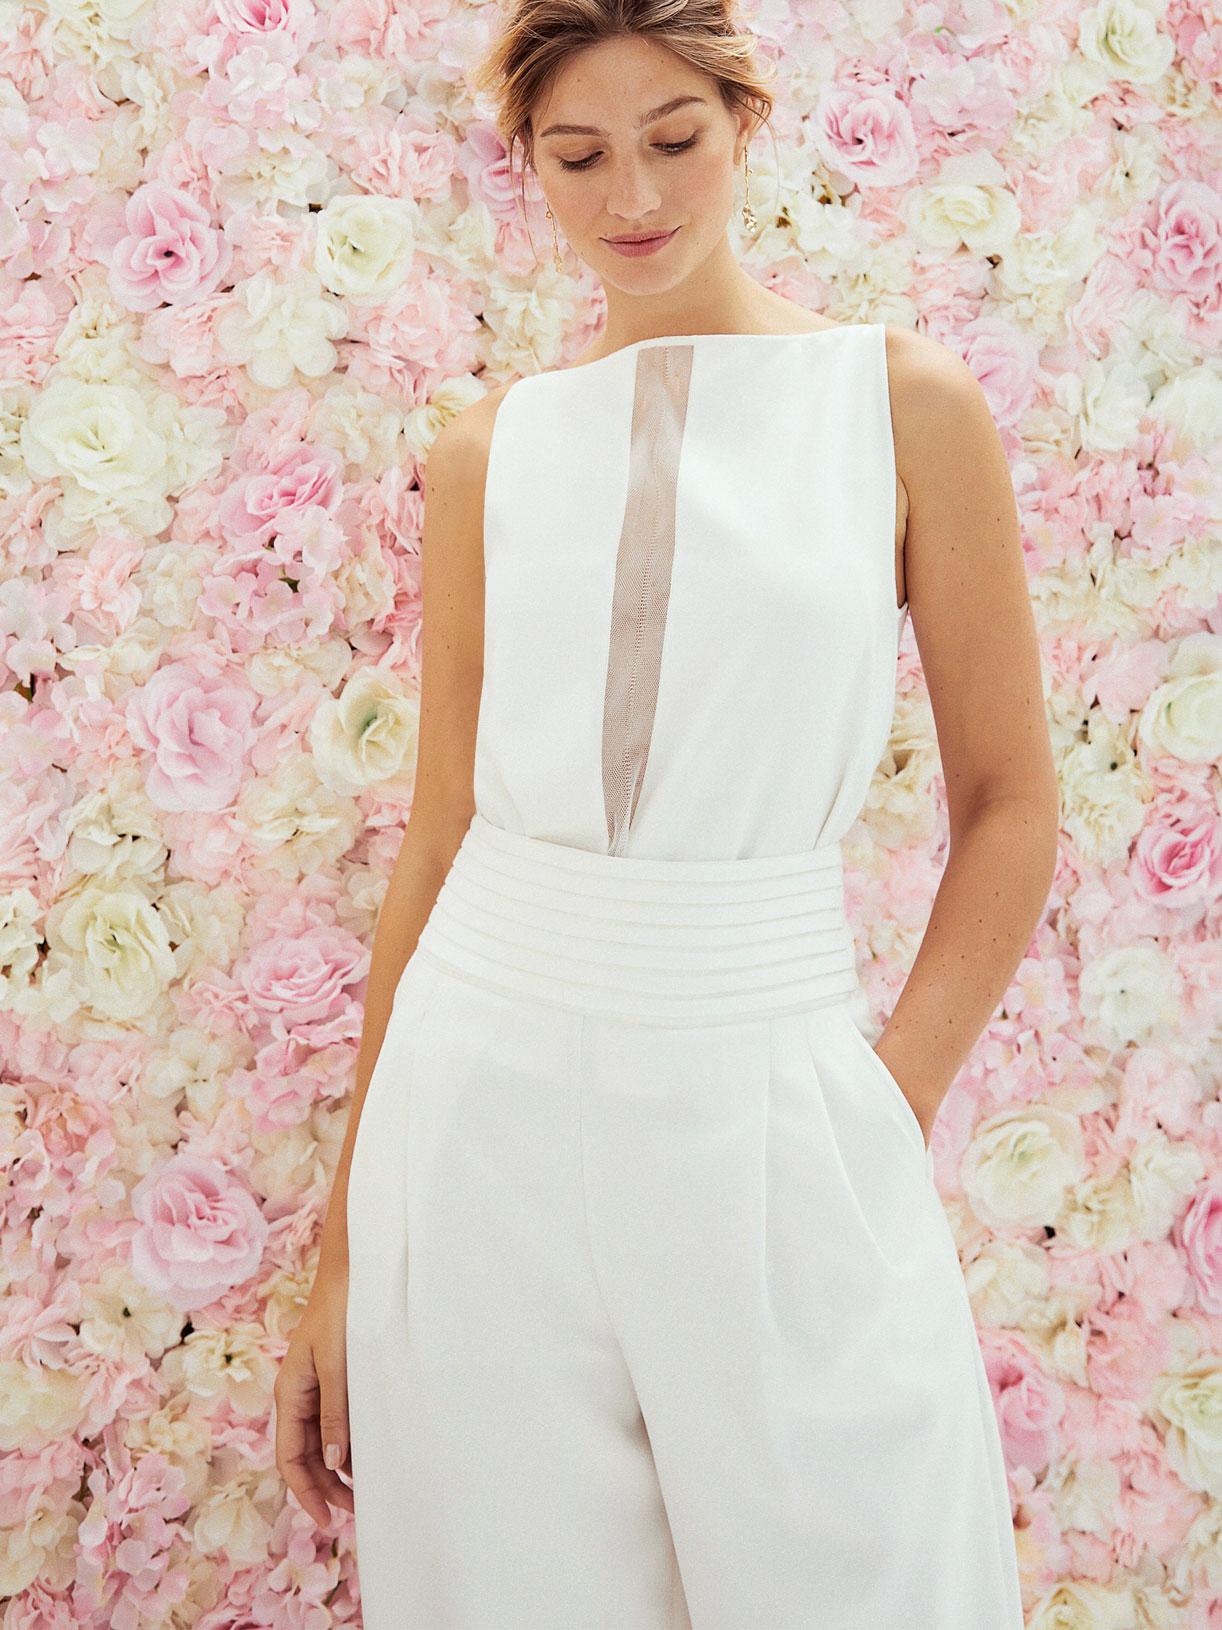 Pantalon tailleur large de mariee ecoresponsable et sur mesure - Creatrice de robe de mariée éthique et écoresponsable a Paris - Myphilosophy